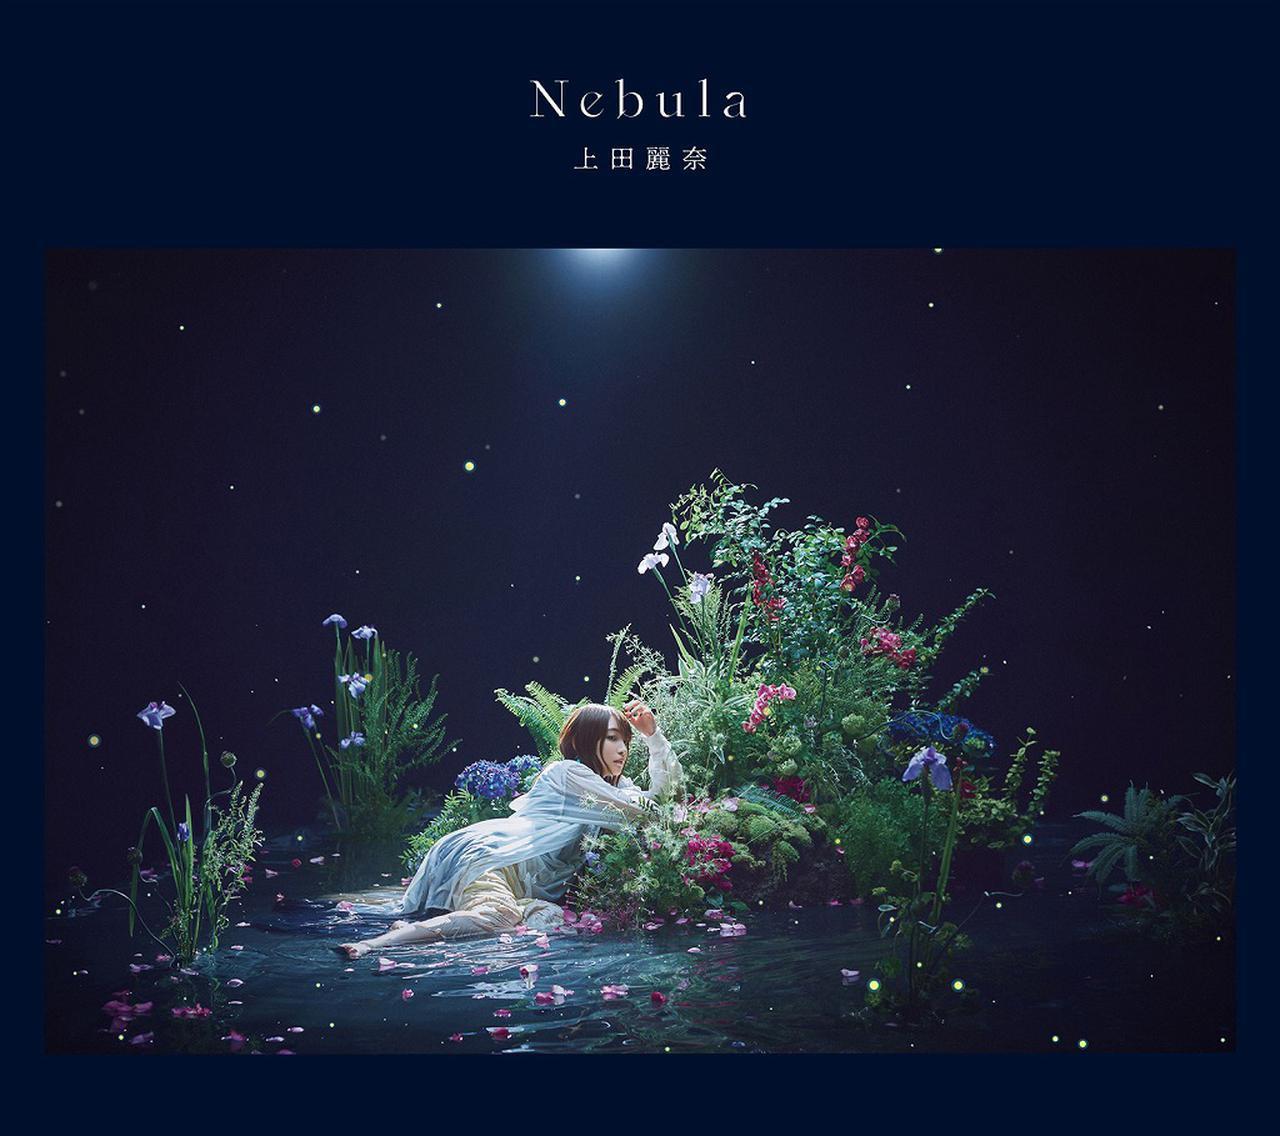 画像: Nebula / 上田麗奈